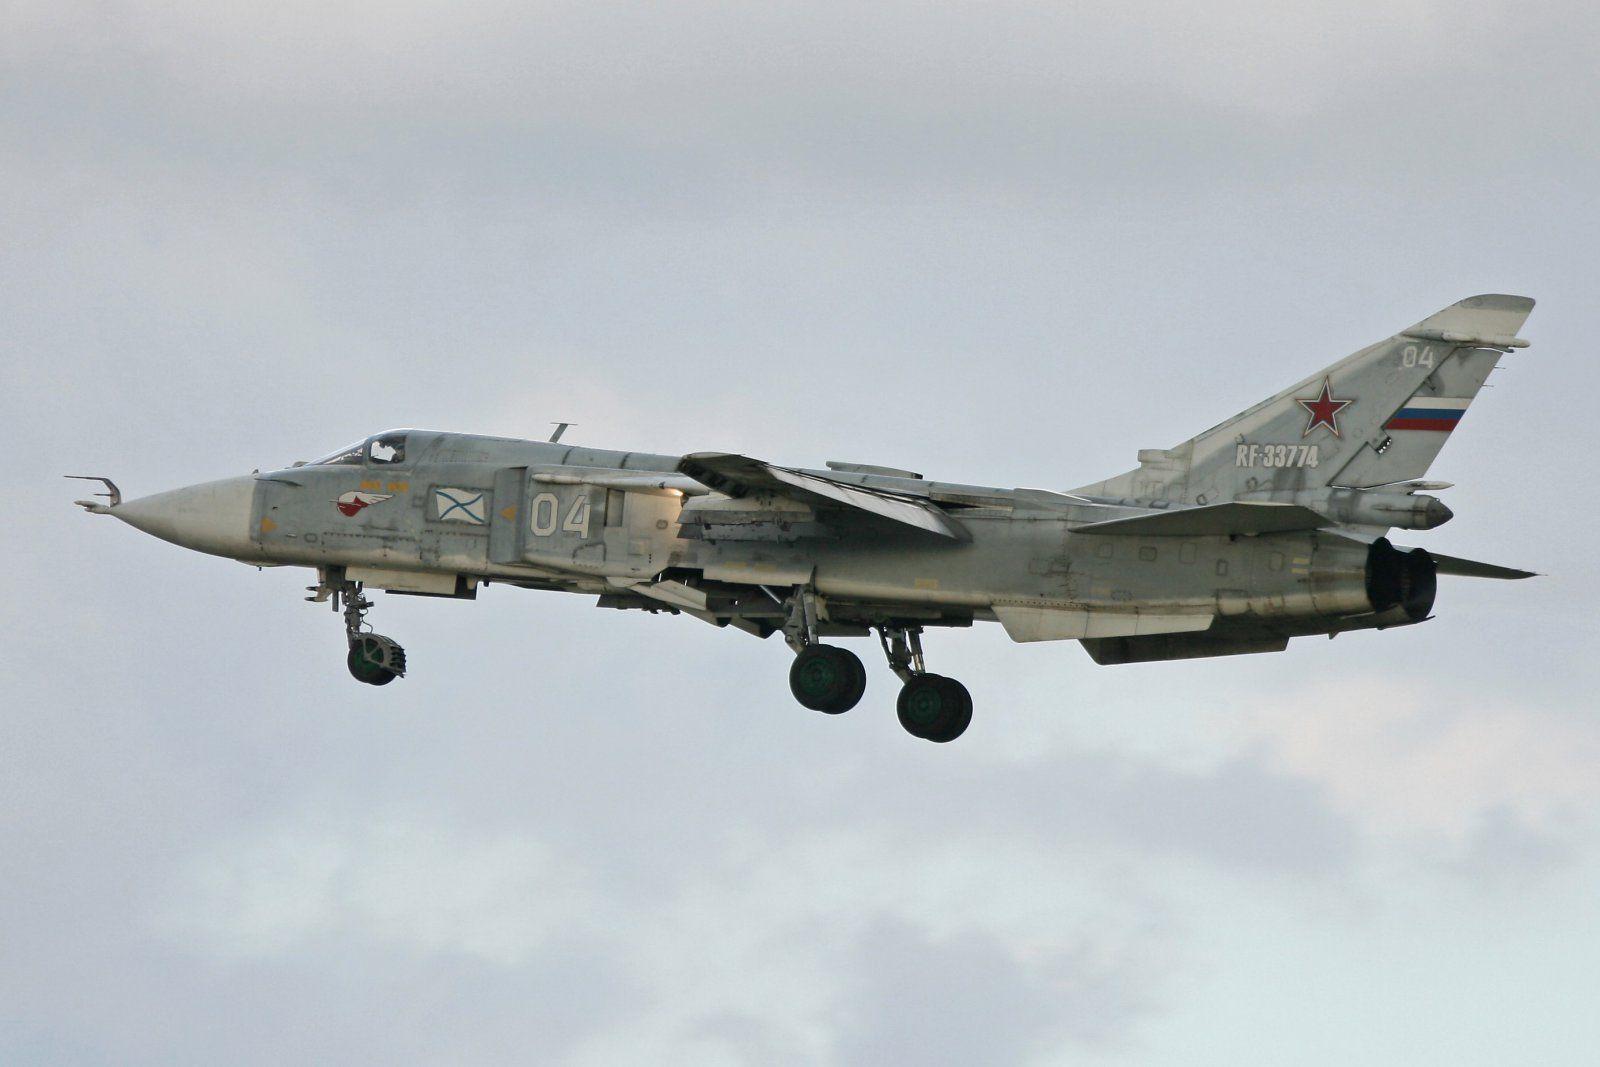 Su-24 Fencer-B 04 - RF-33774.jpg